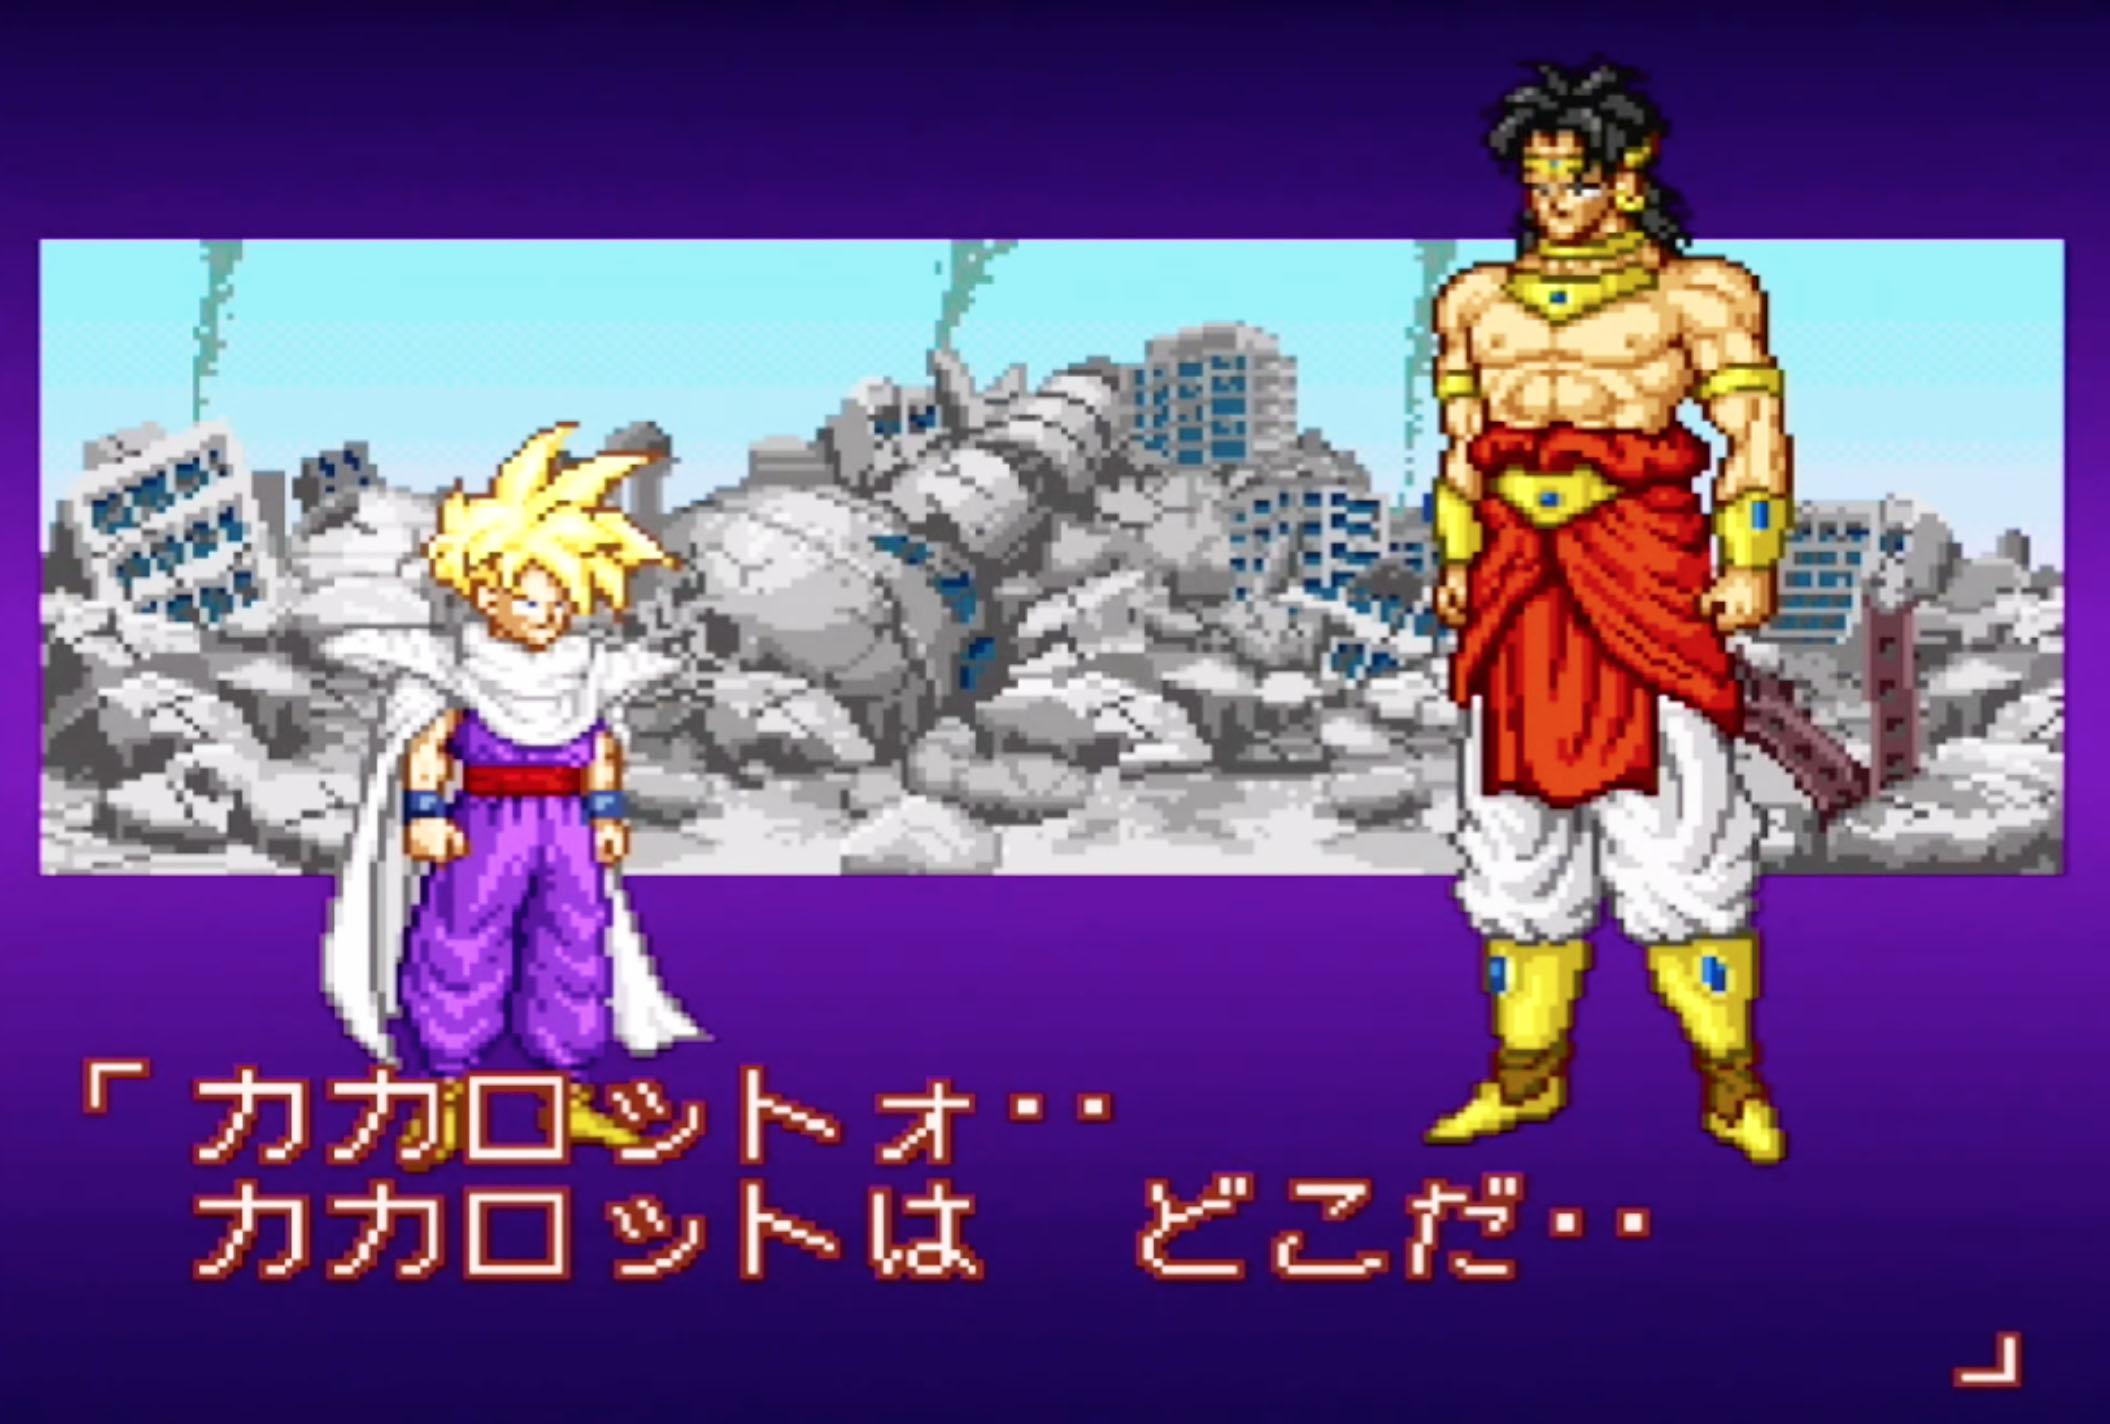 ドラゴンボールフィギュアレビューブログの超武道伝2